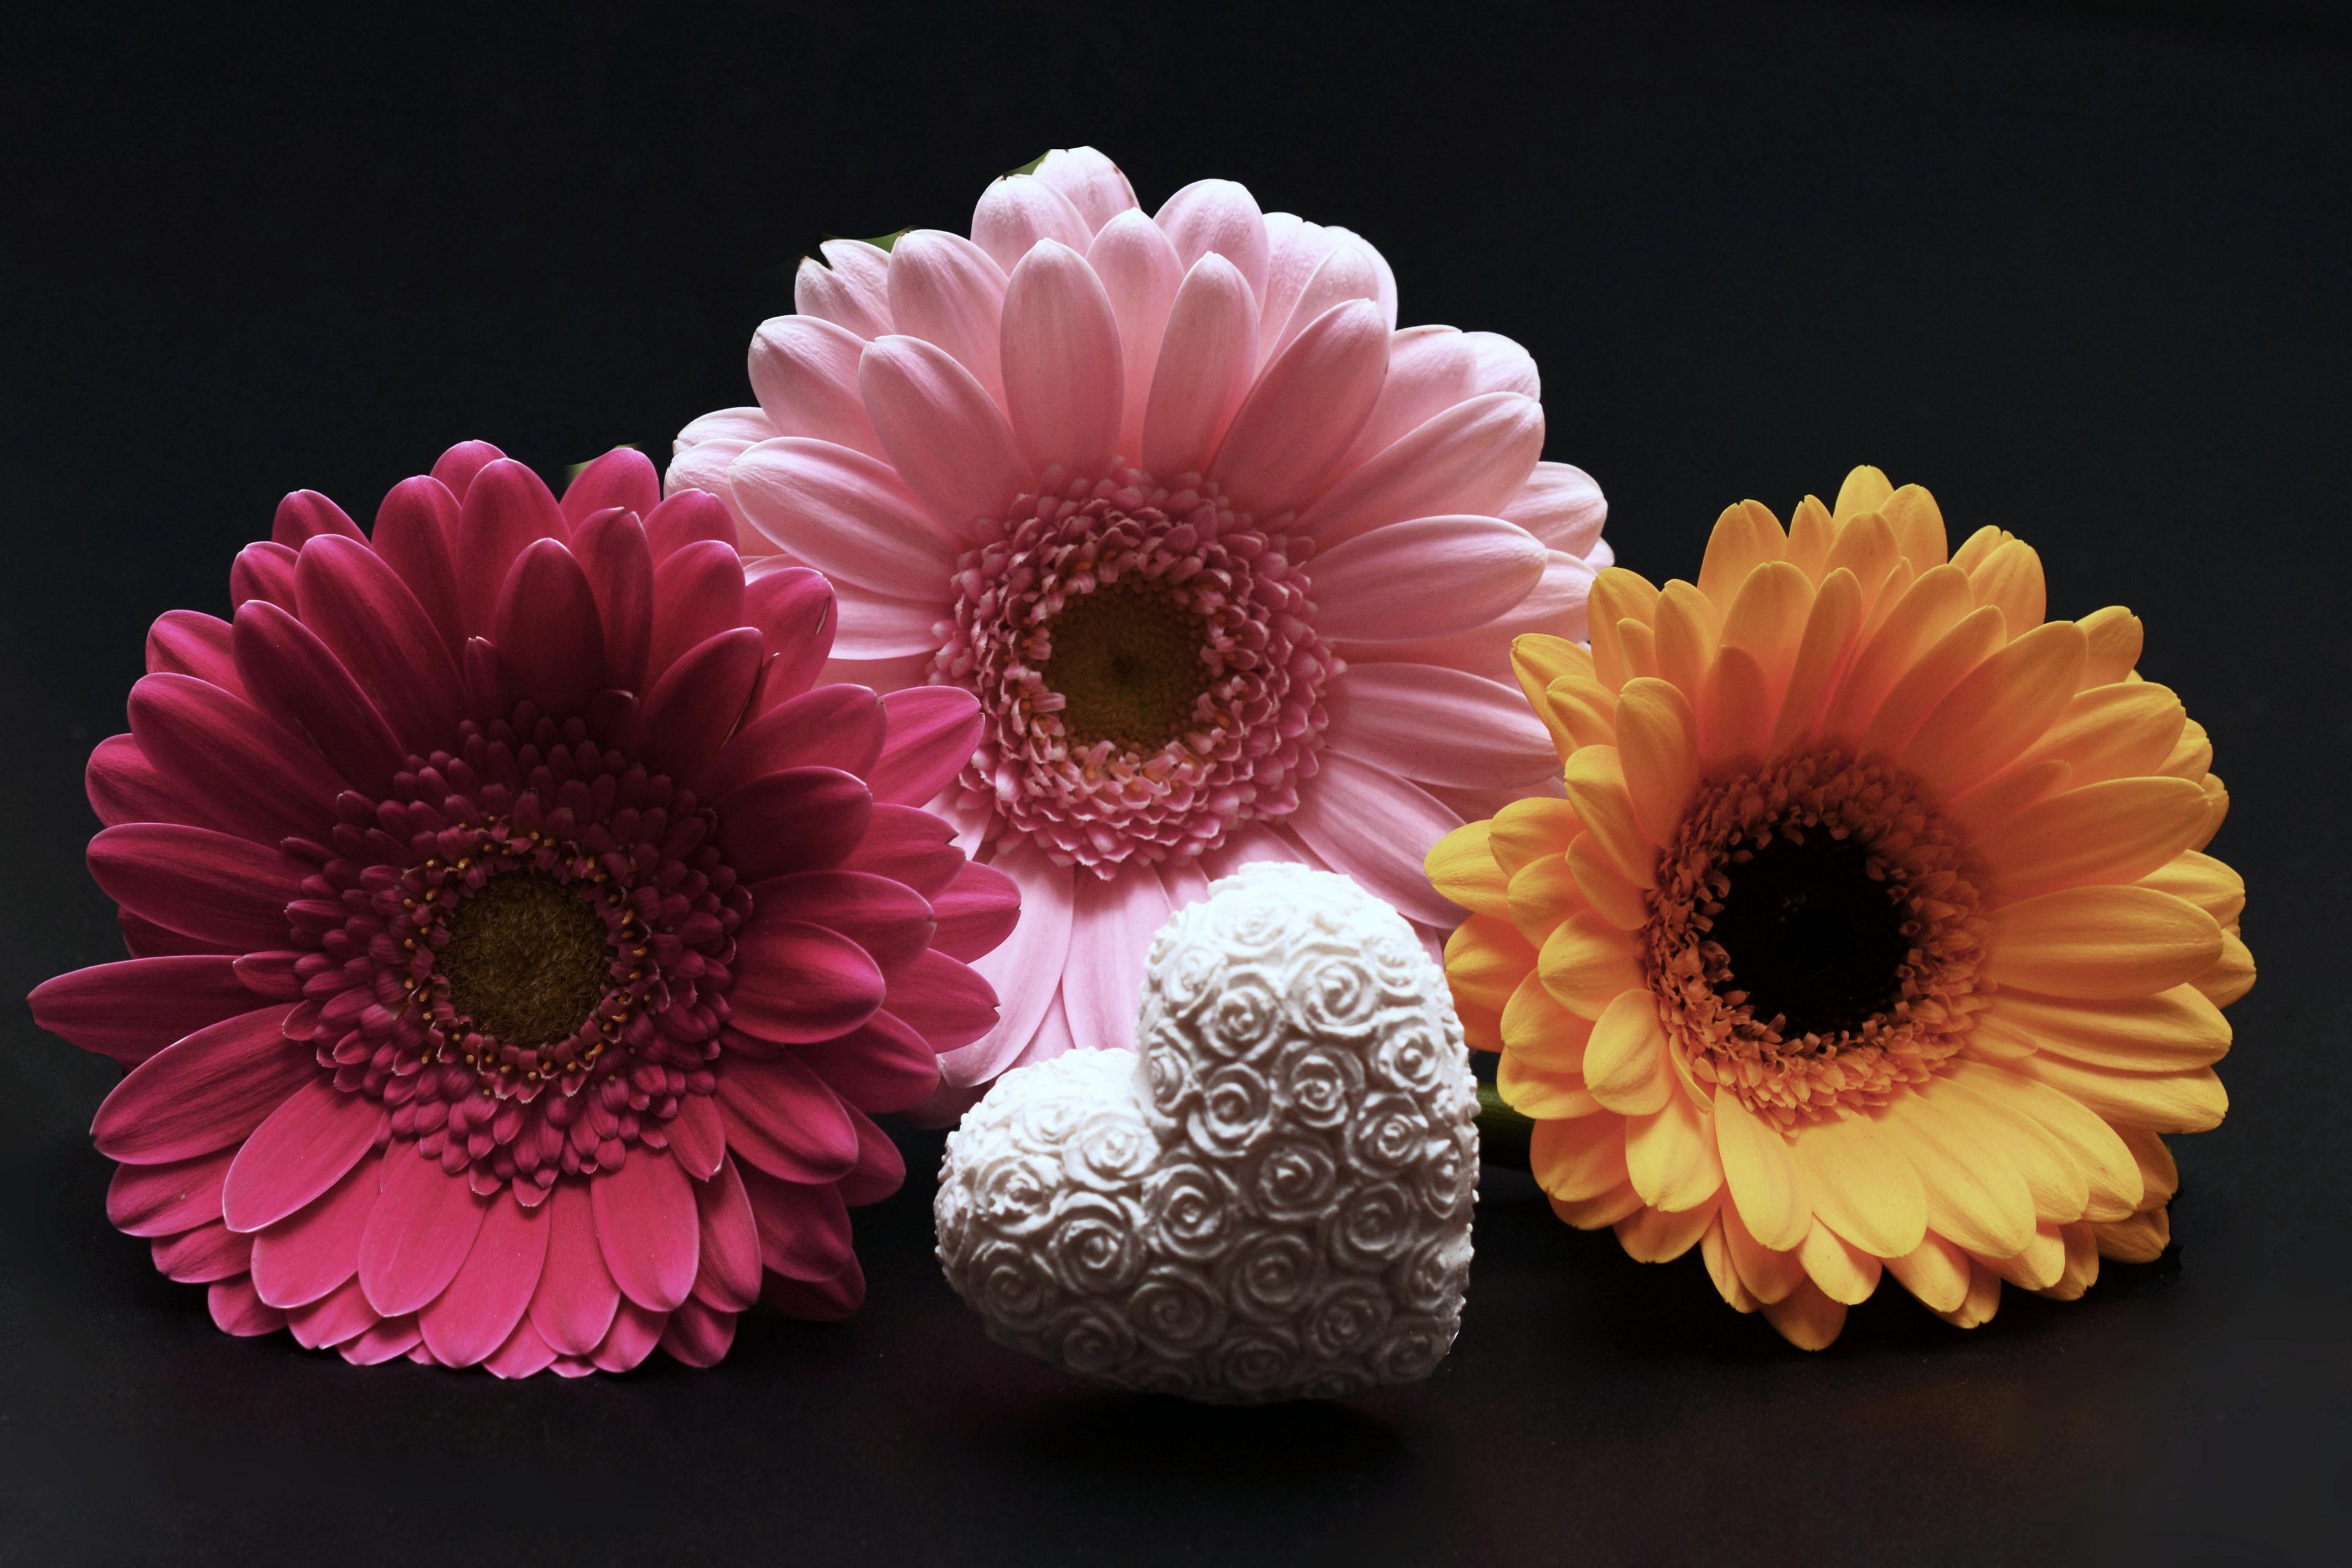 102053 Hintergrundbild herunterladen Feiertage, Herzen, Blumen, Valentinstag, Gerbera, Ein Herz - Bildschirmschoner und Bilder kostenlos